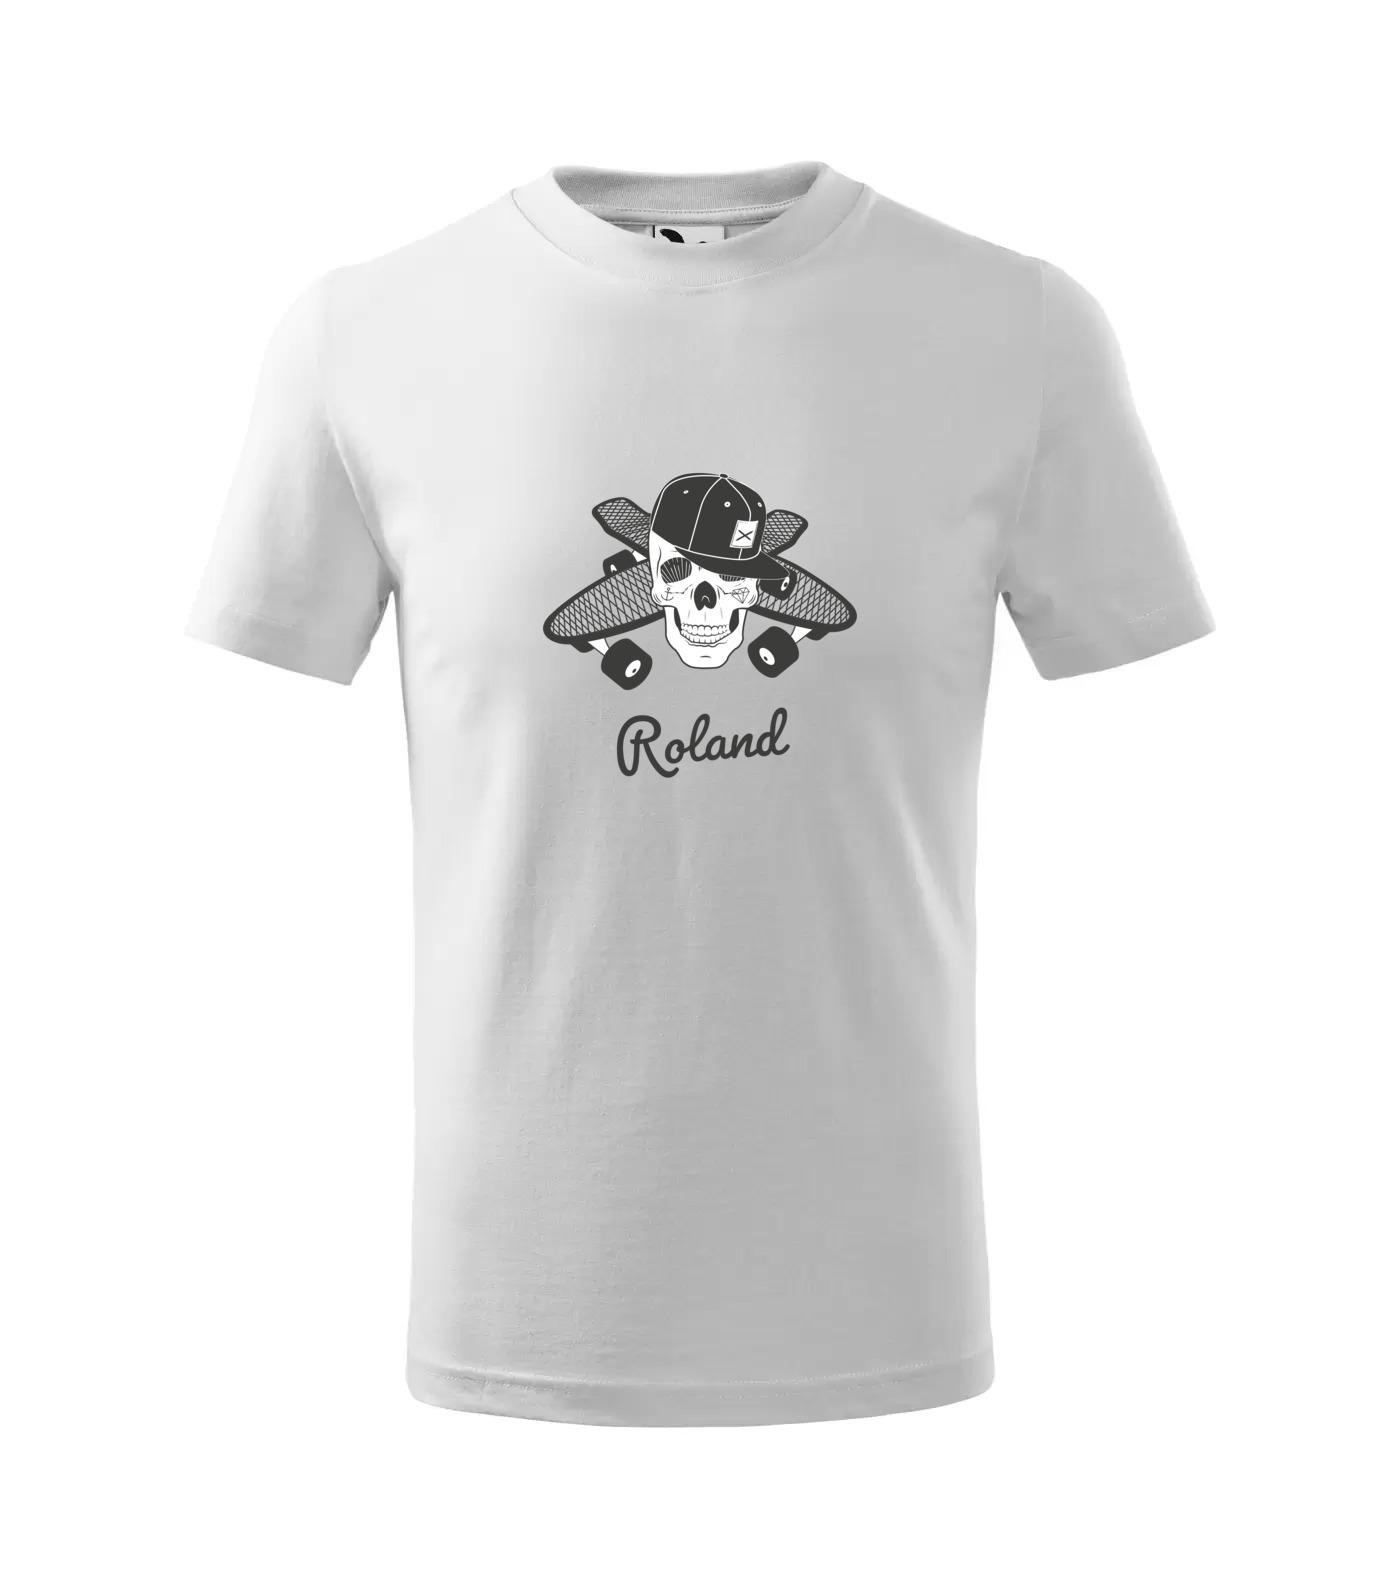 Tričko Skejťák Roland